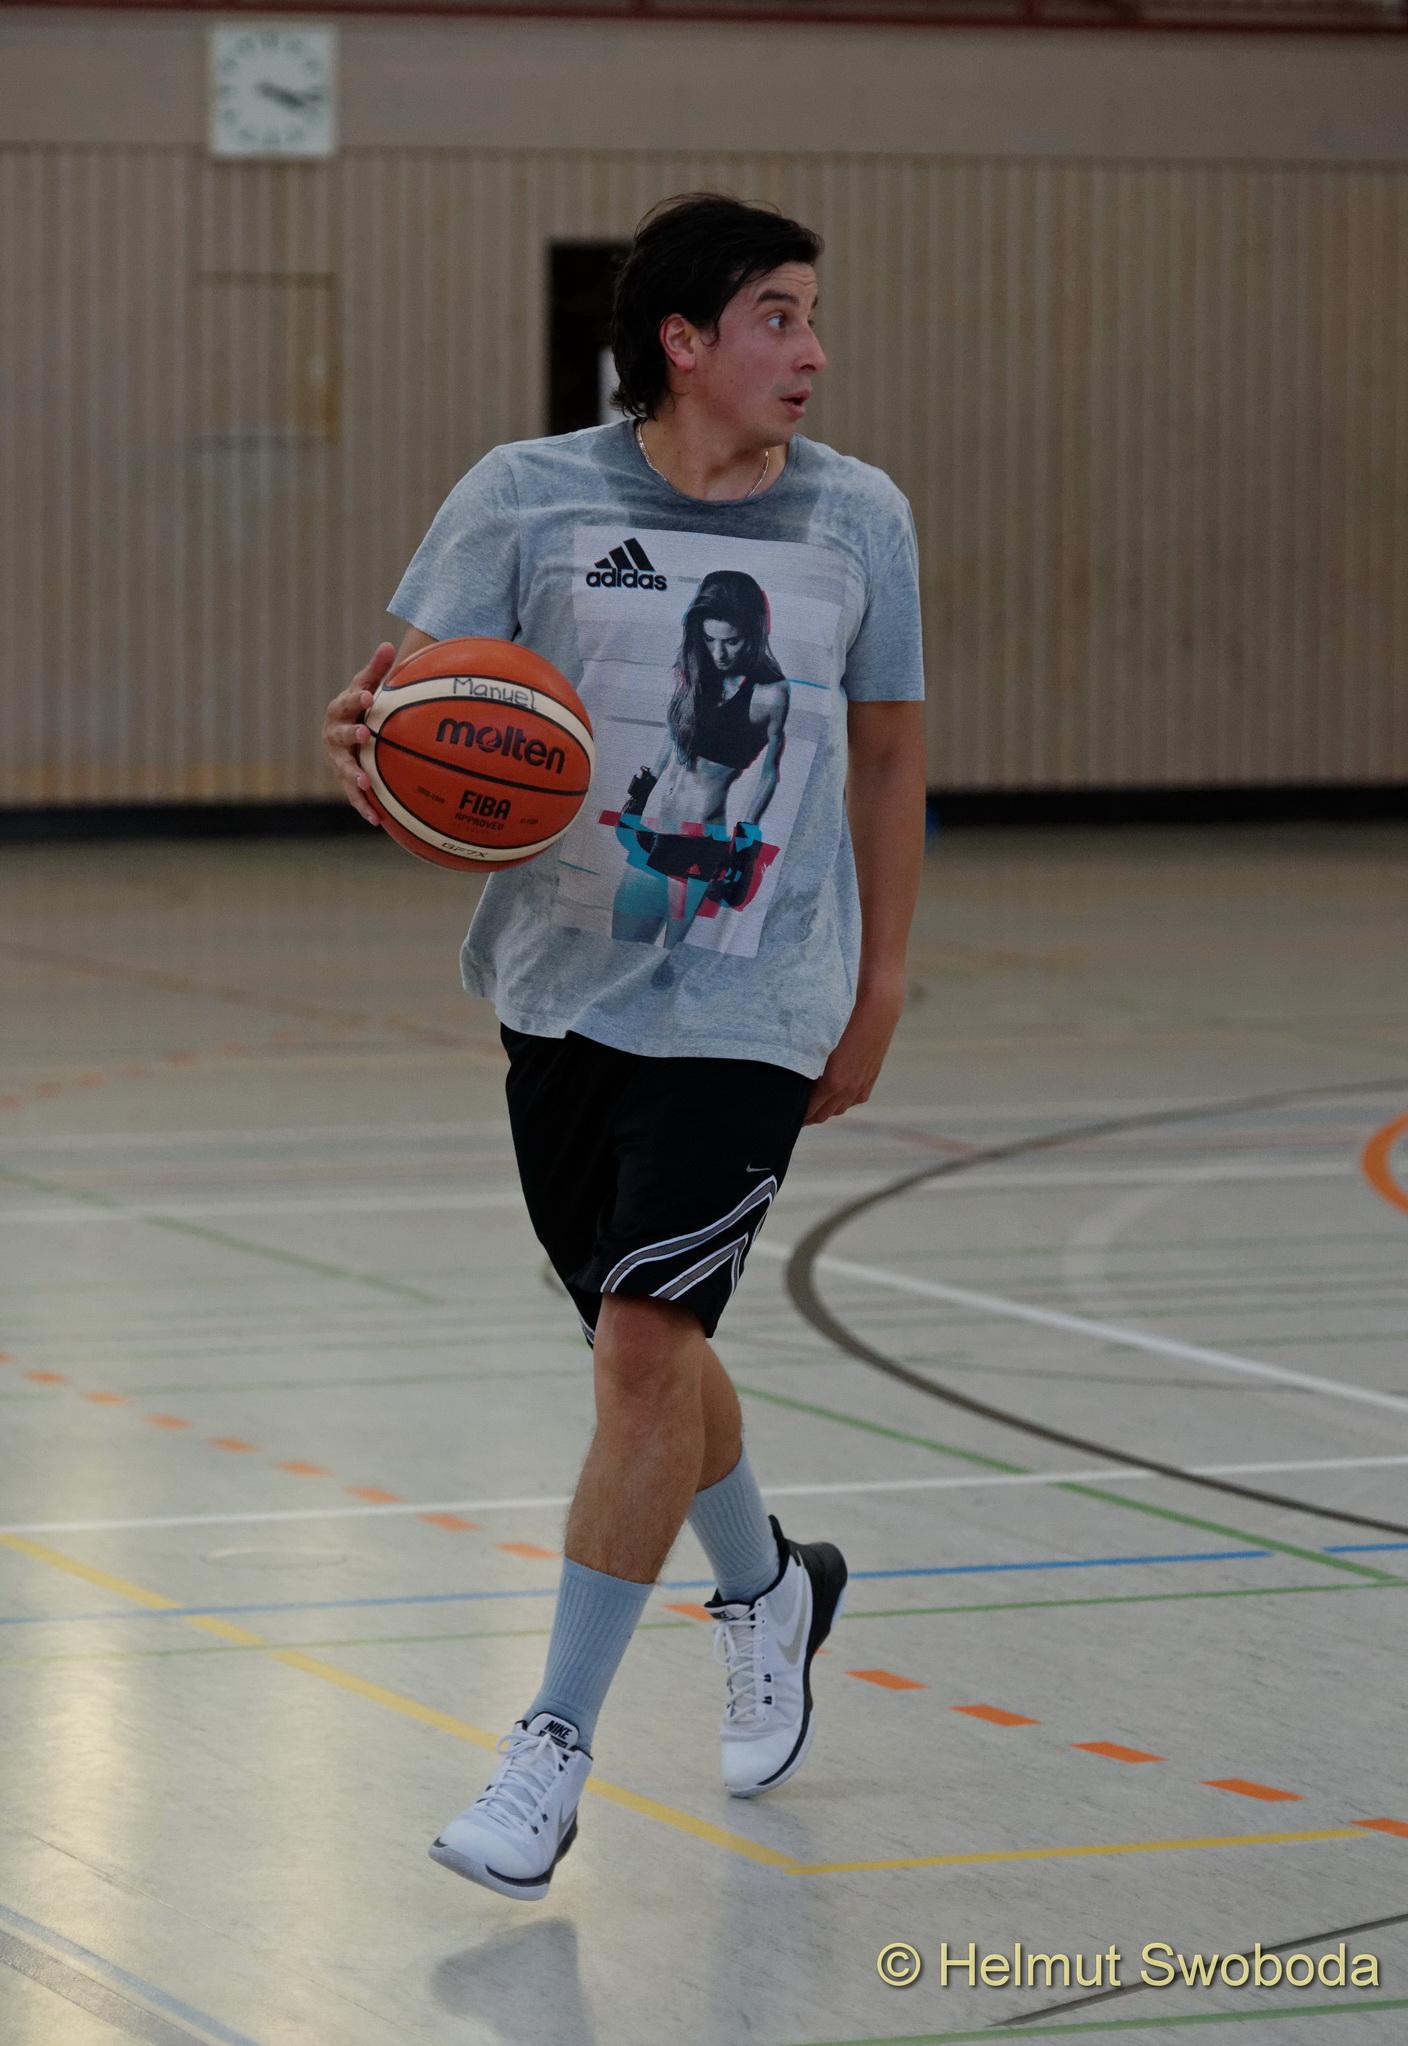 d170402-161656200-100-basketball_weilheim-mixed-turnier_33684159781_o